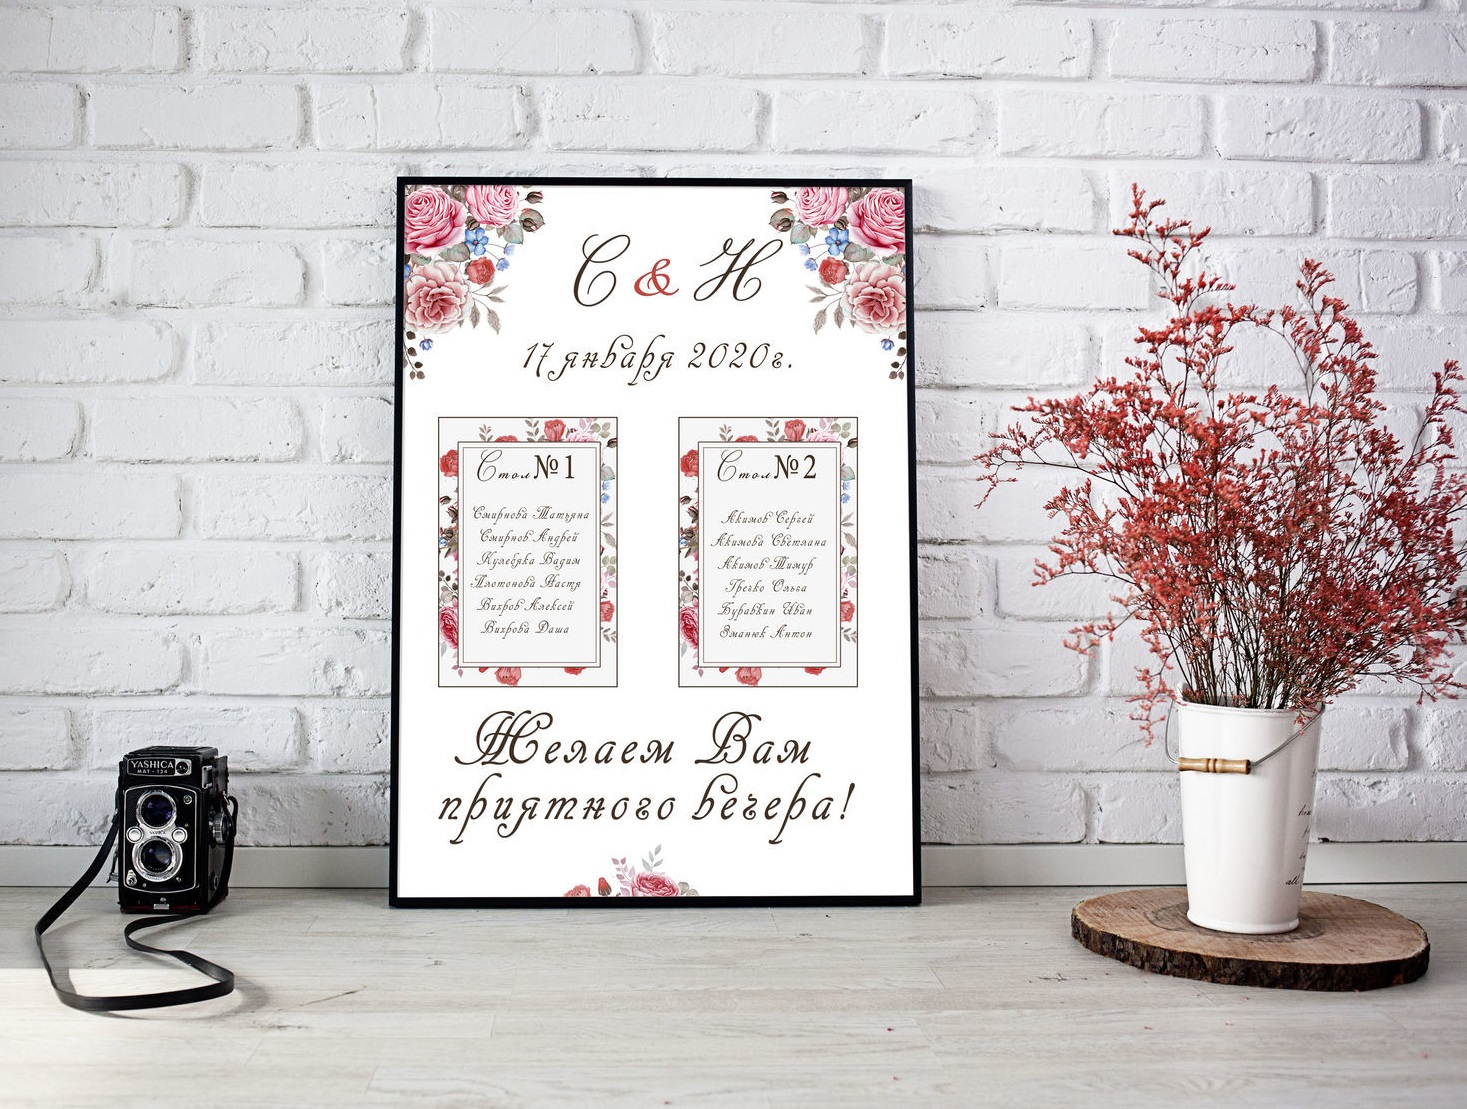 Печать плана рассадки гостей для свадьбы в Москве   фото 2